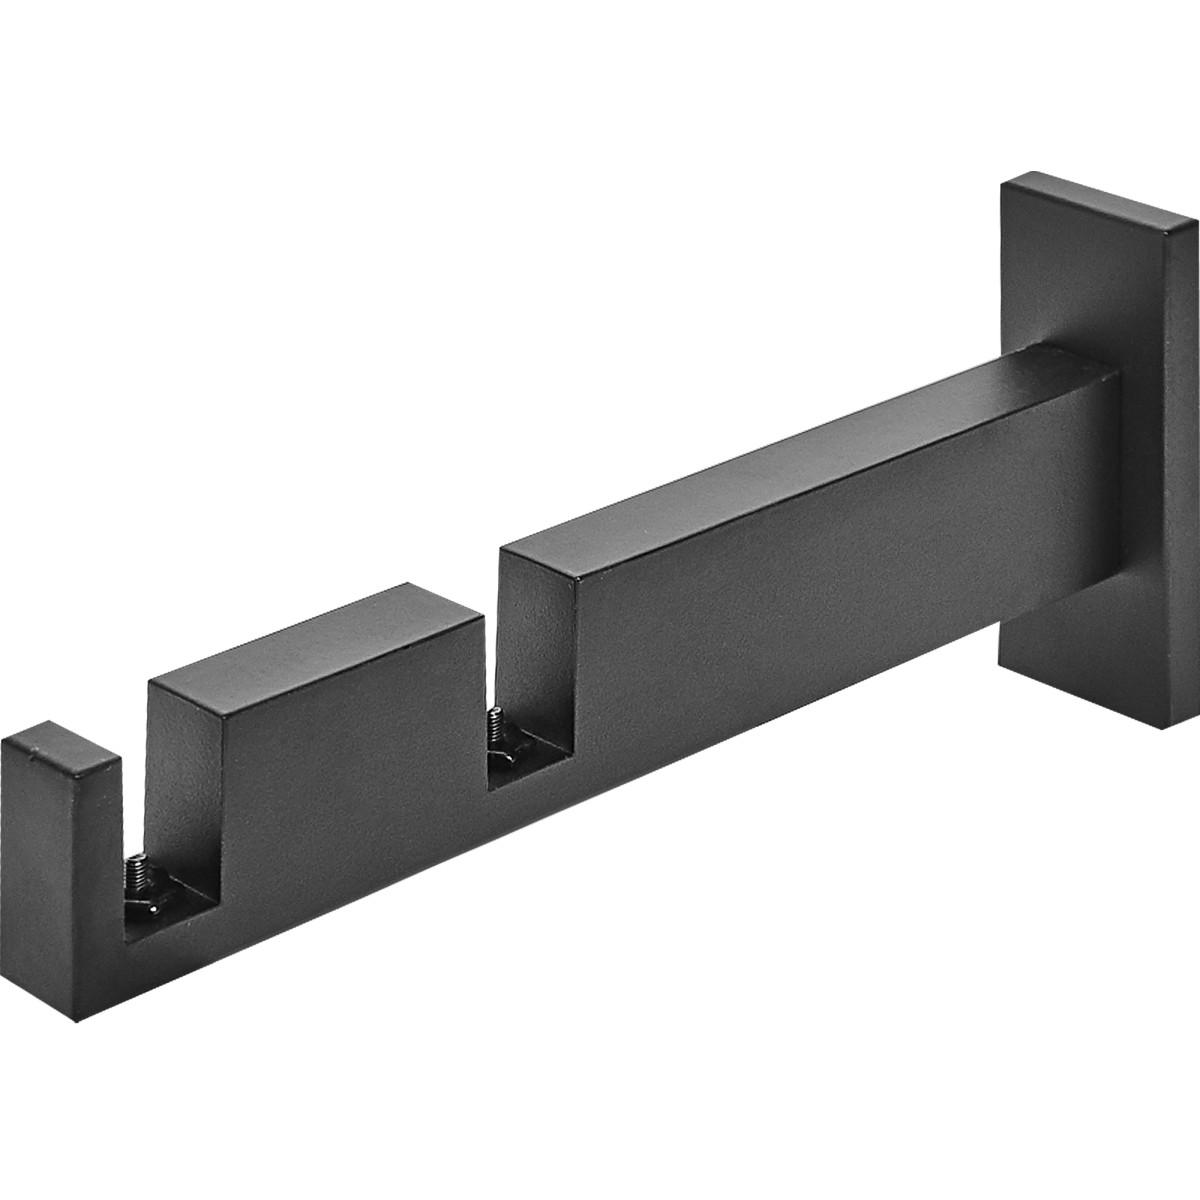 Держатель двурядный Хайтек алюминий цвет черный 17.6 см